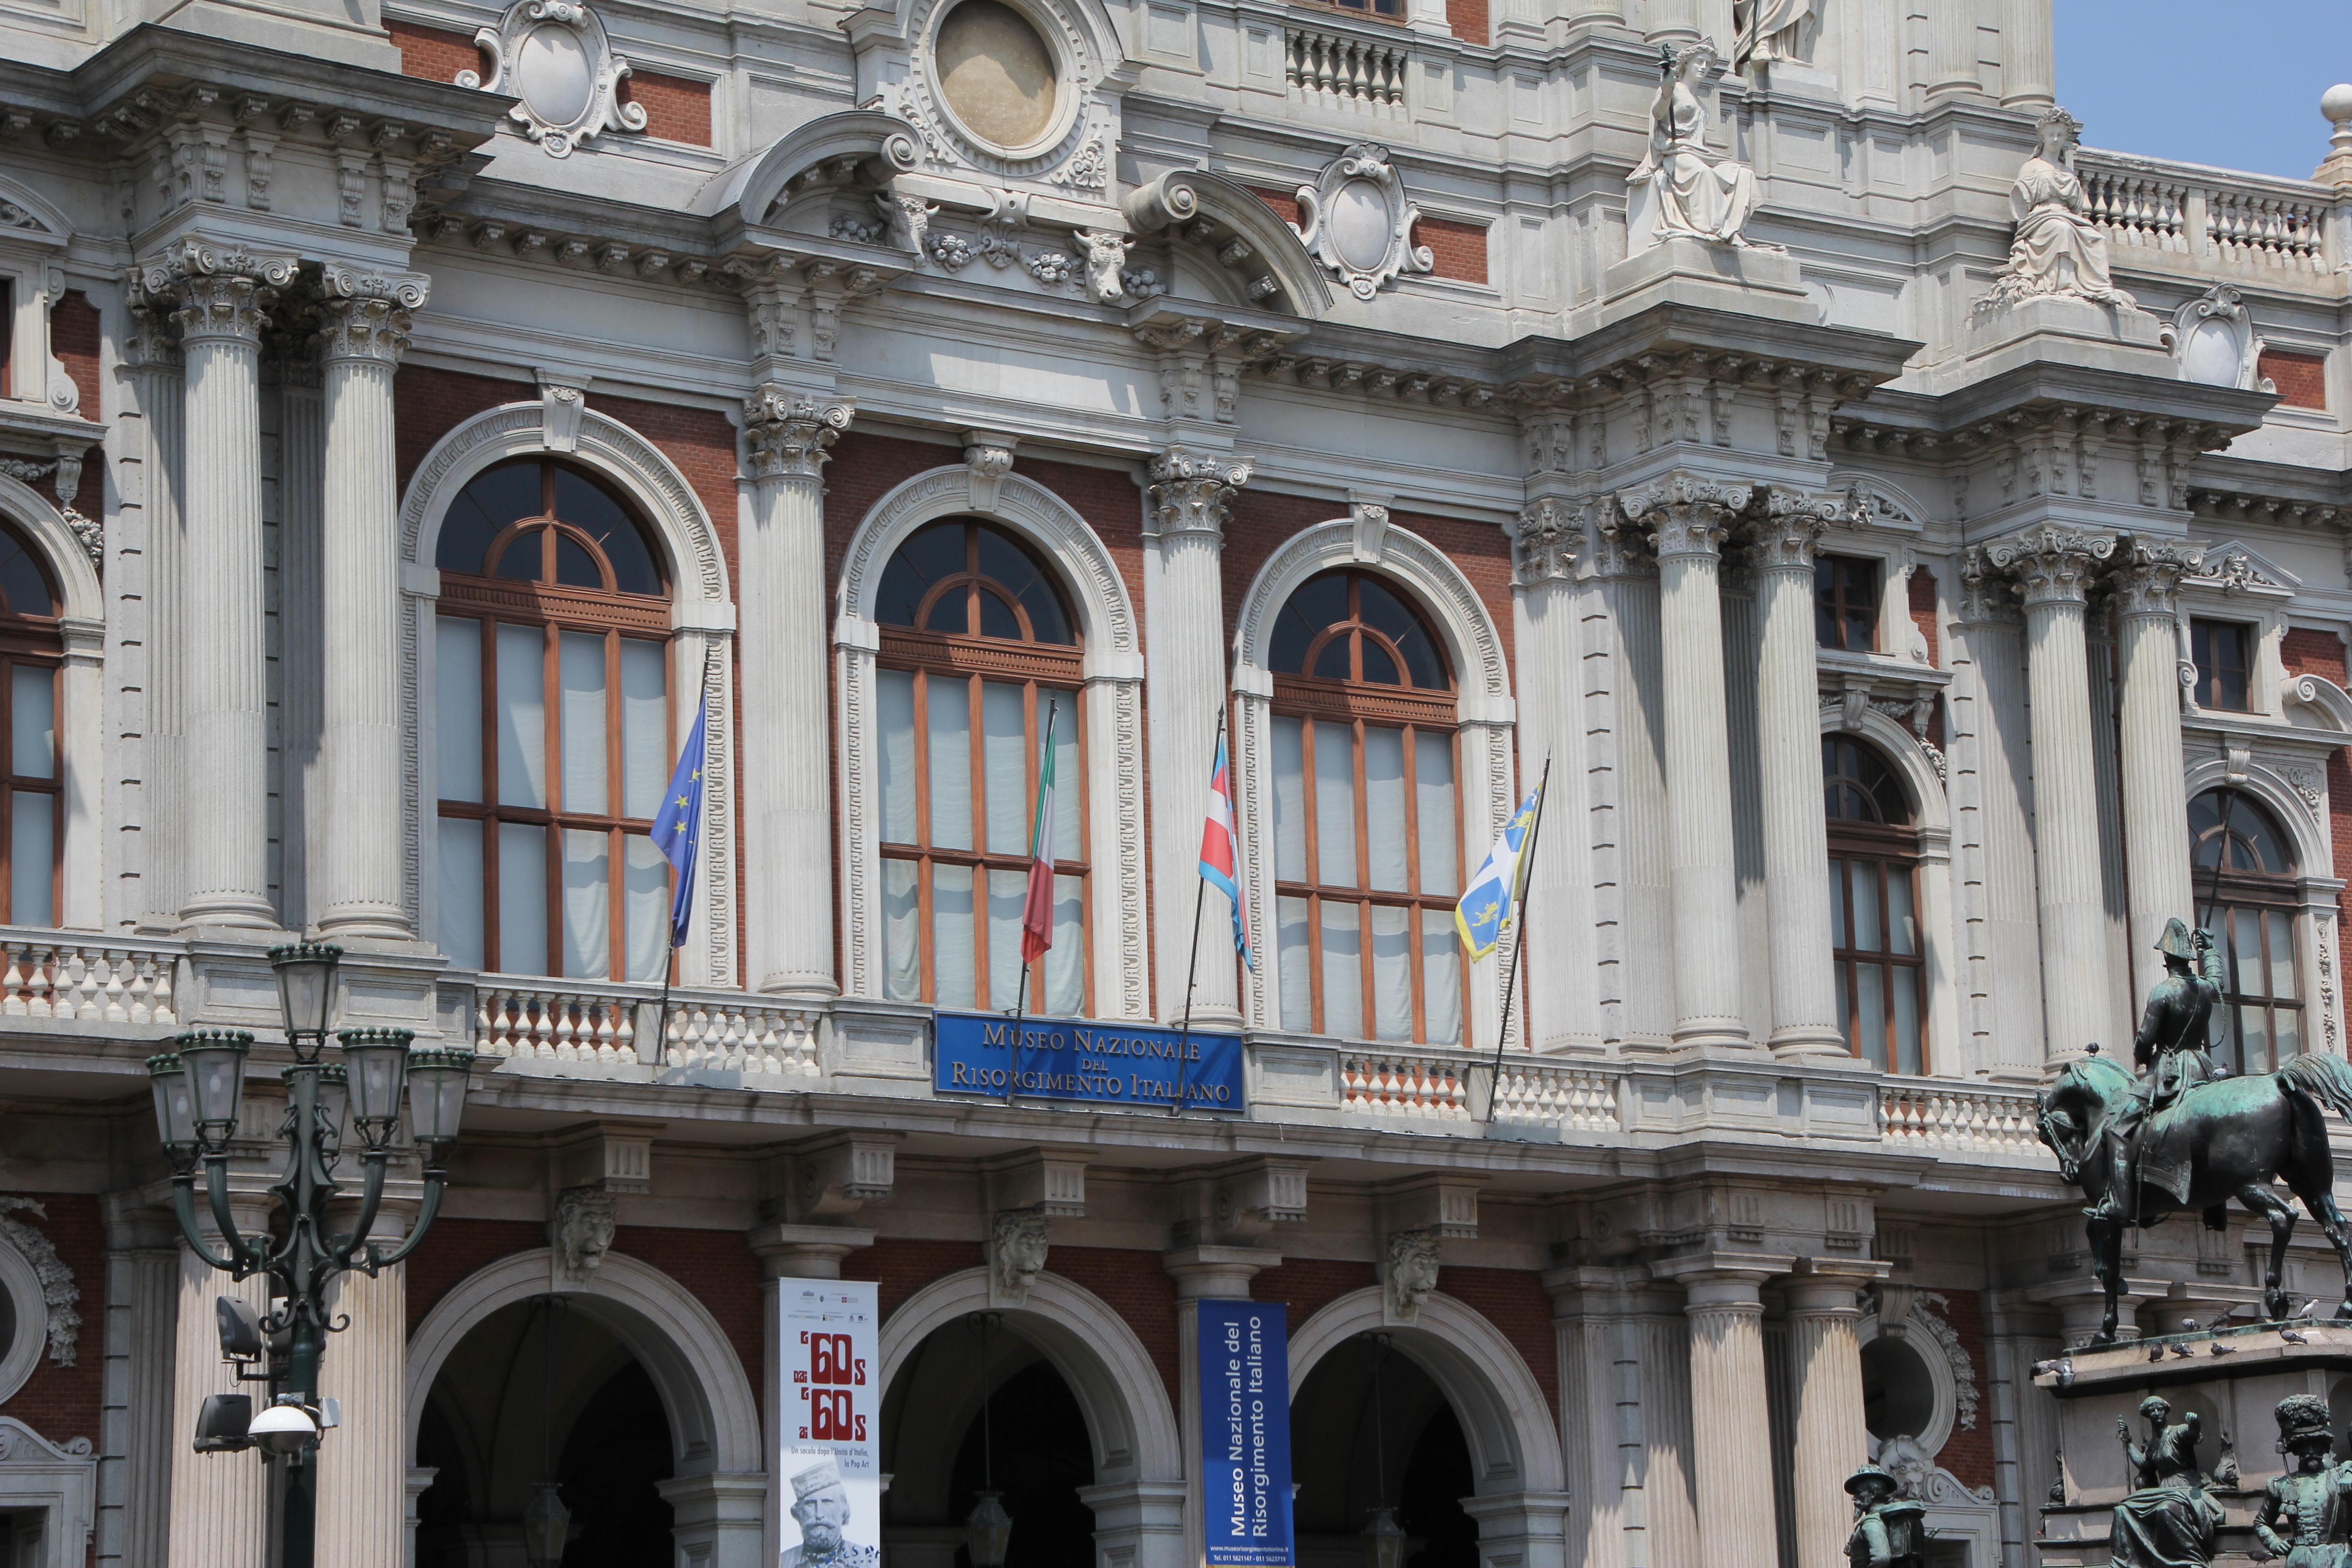 Museo Del Risorgimento Torino.File Torino Museo Del Risorgimento Italiano 04 Jpg Wikimedia